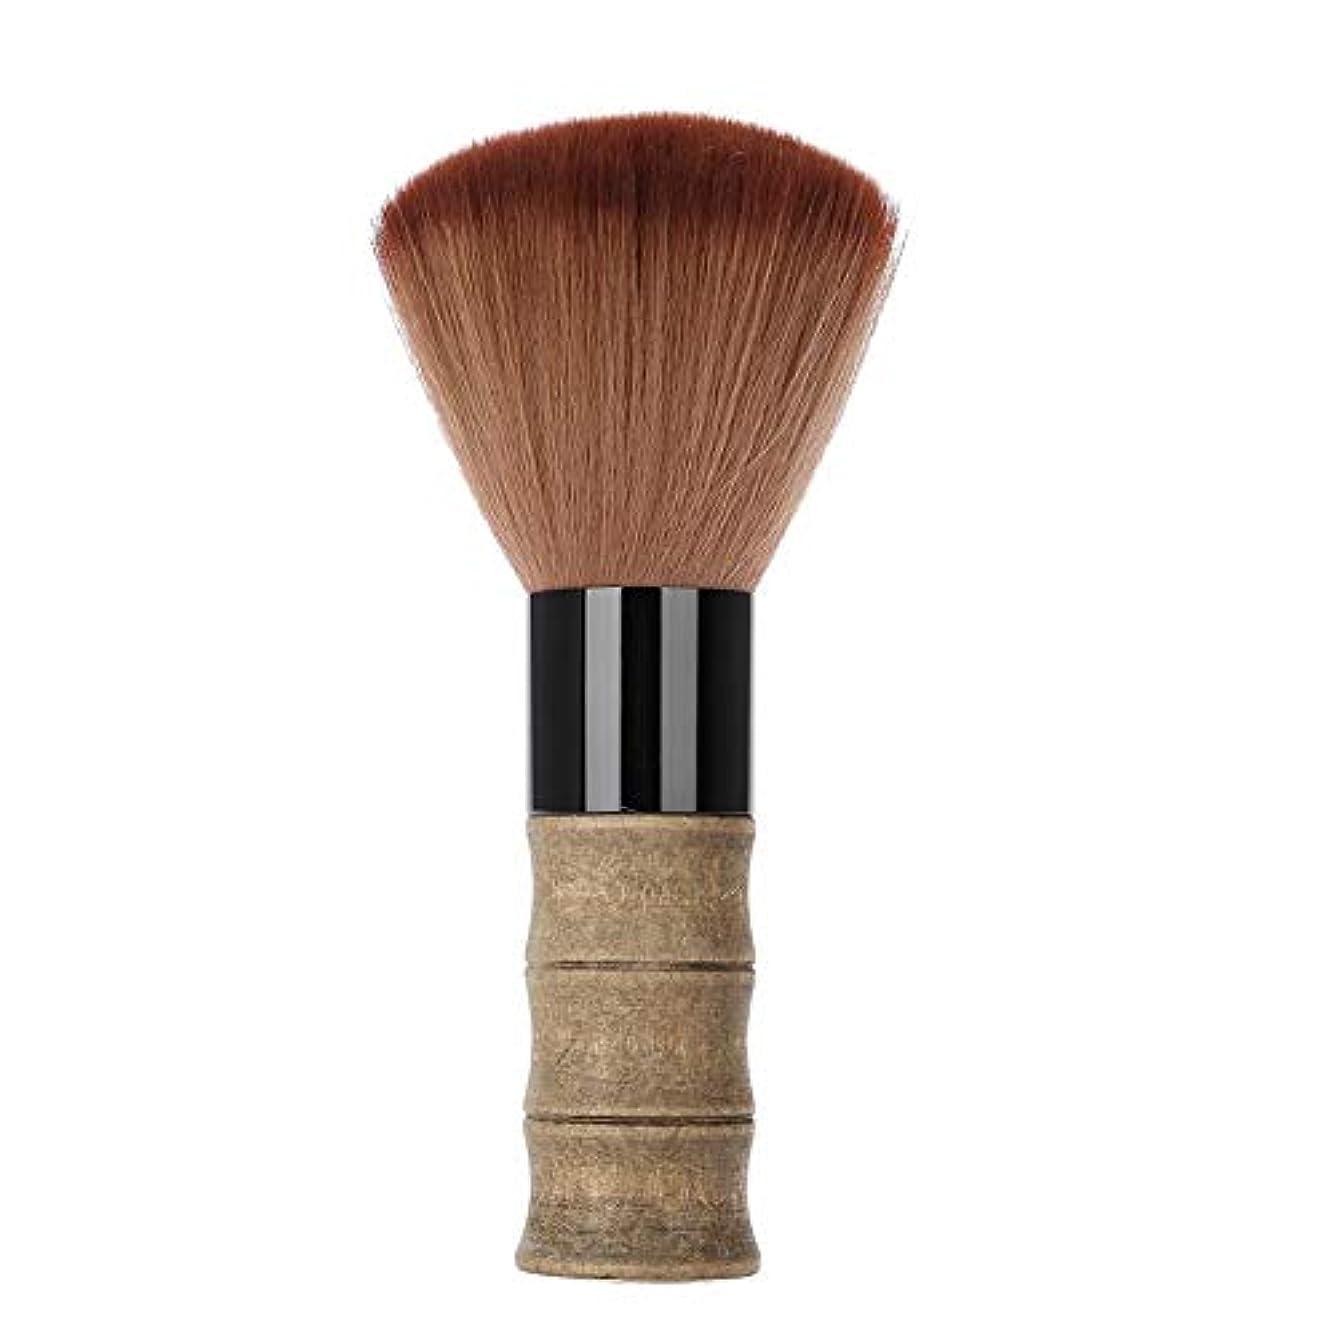 予感いま南アメリカヘアブラシ ヘアカット ヘアスポンジ ネック理髪店 掃除前髪 美容院 家用 携帯用